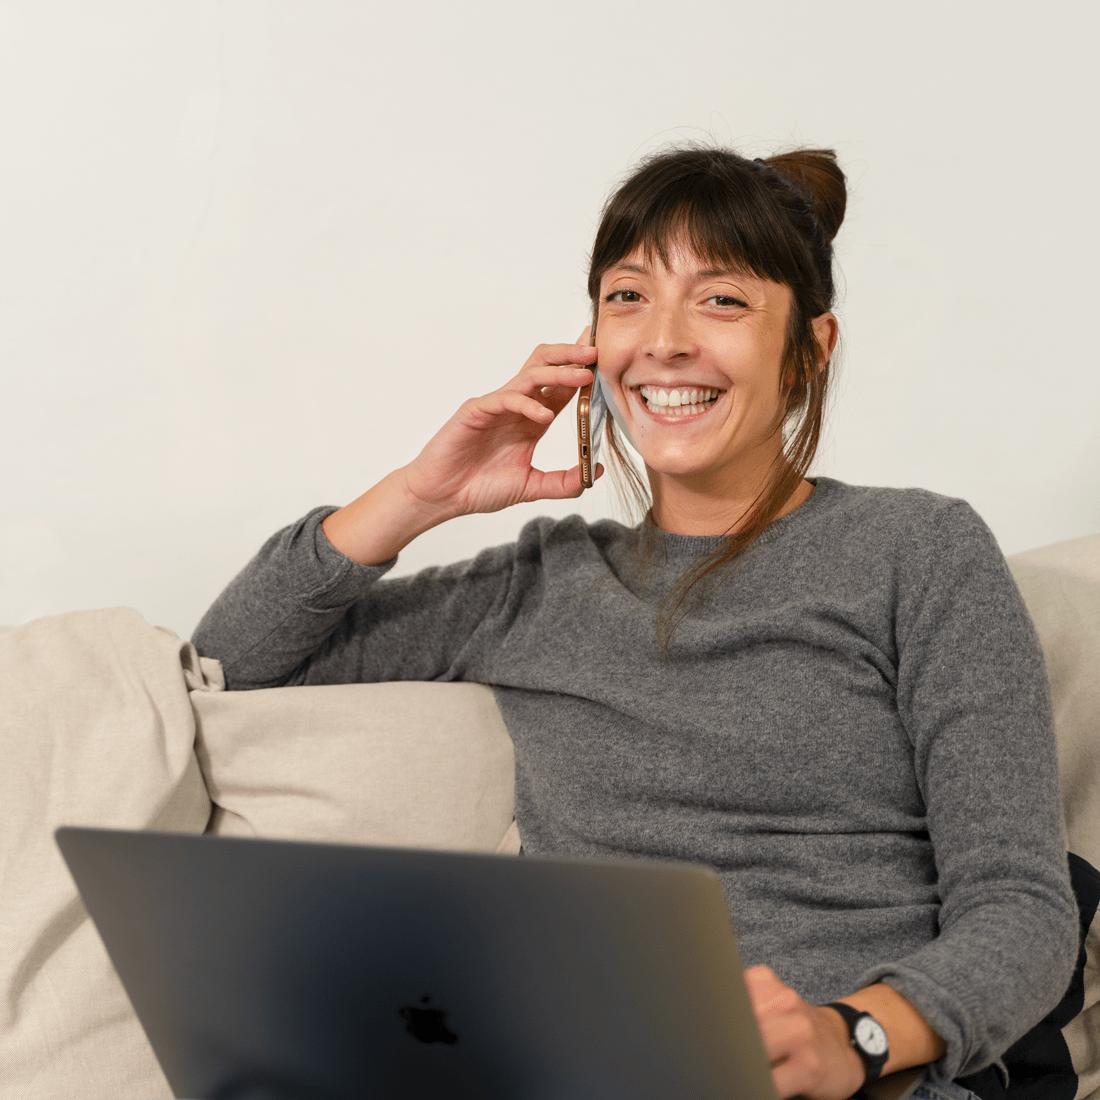 Elisa Angella, Classe '87, Art Director, si forma prima a Milano e poi a Genova, dove inizia a lavorare come freelance per poi fondare Plurale Visual Design. Mette a disposizione del team il suo background nell'ambito del set design e la sua attitudine alle relazioni e all'organizzazione nel ruolo di account.